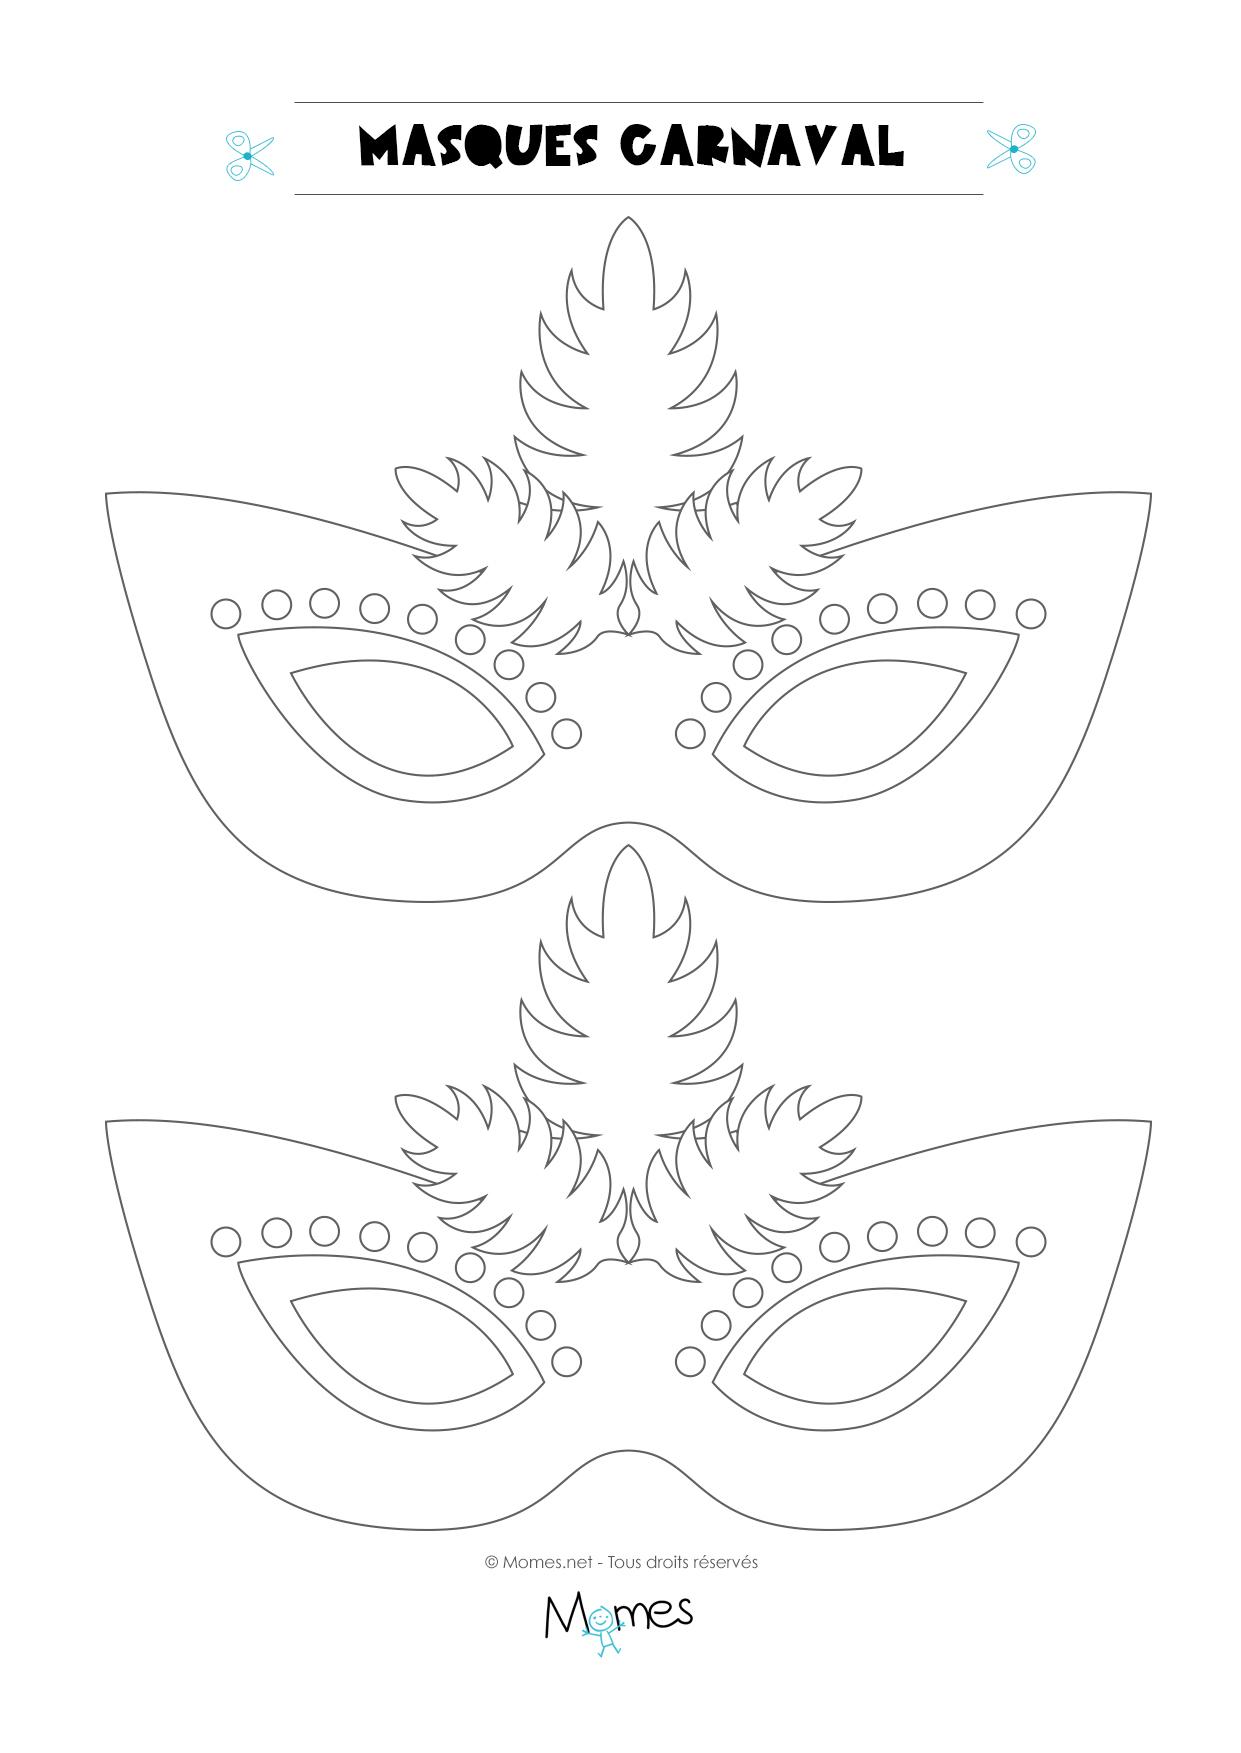 Loup De Carnaval À Colorier - Momes à Masque Canard À Imprimer